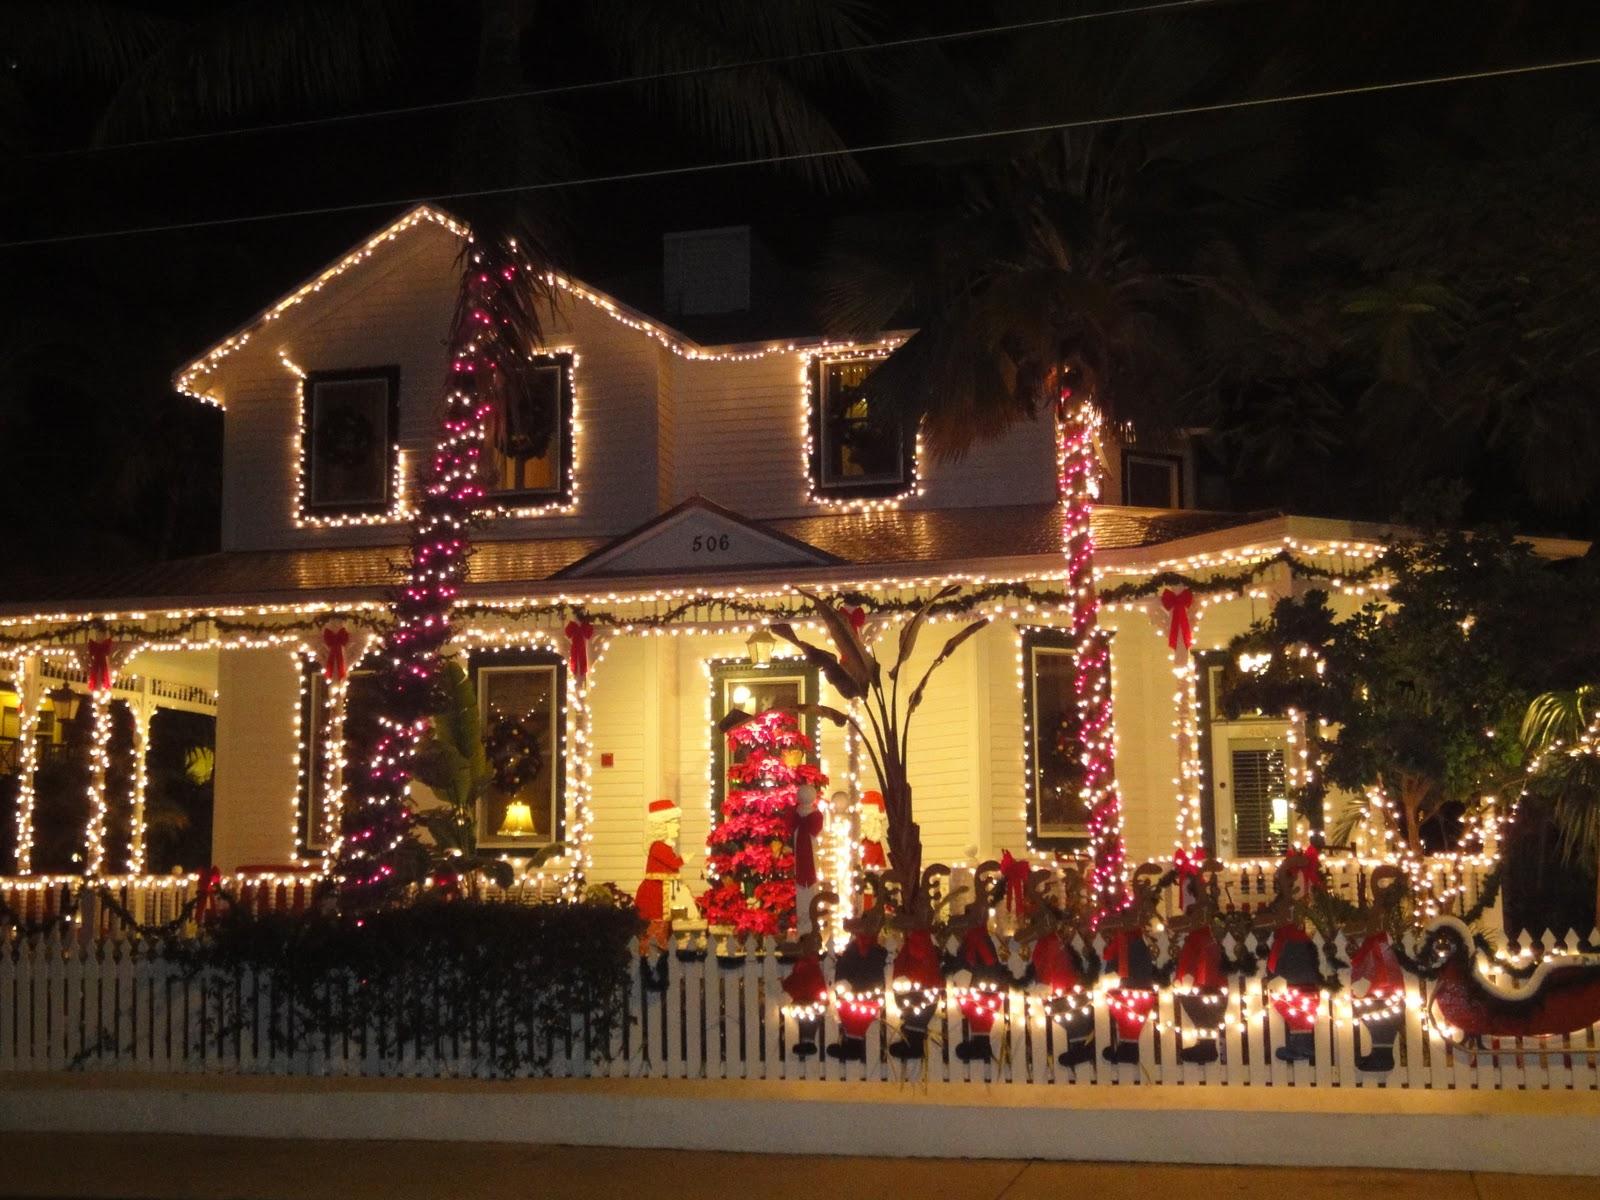 #B17D1A Aux Etats Unis : Noël Dans Les Keys 5329 décorations de noel aux etats unis 1600x1200 px @ aertt.com